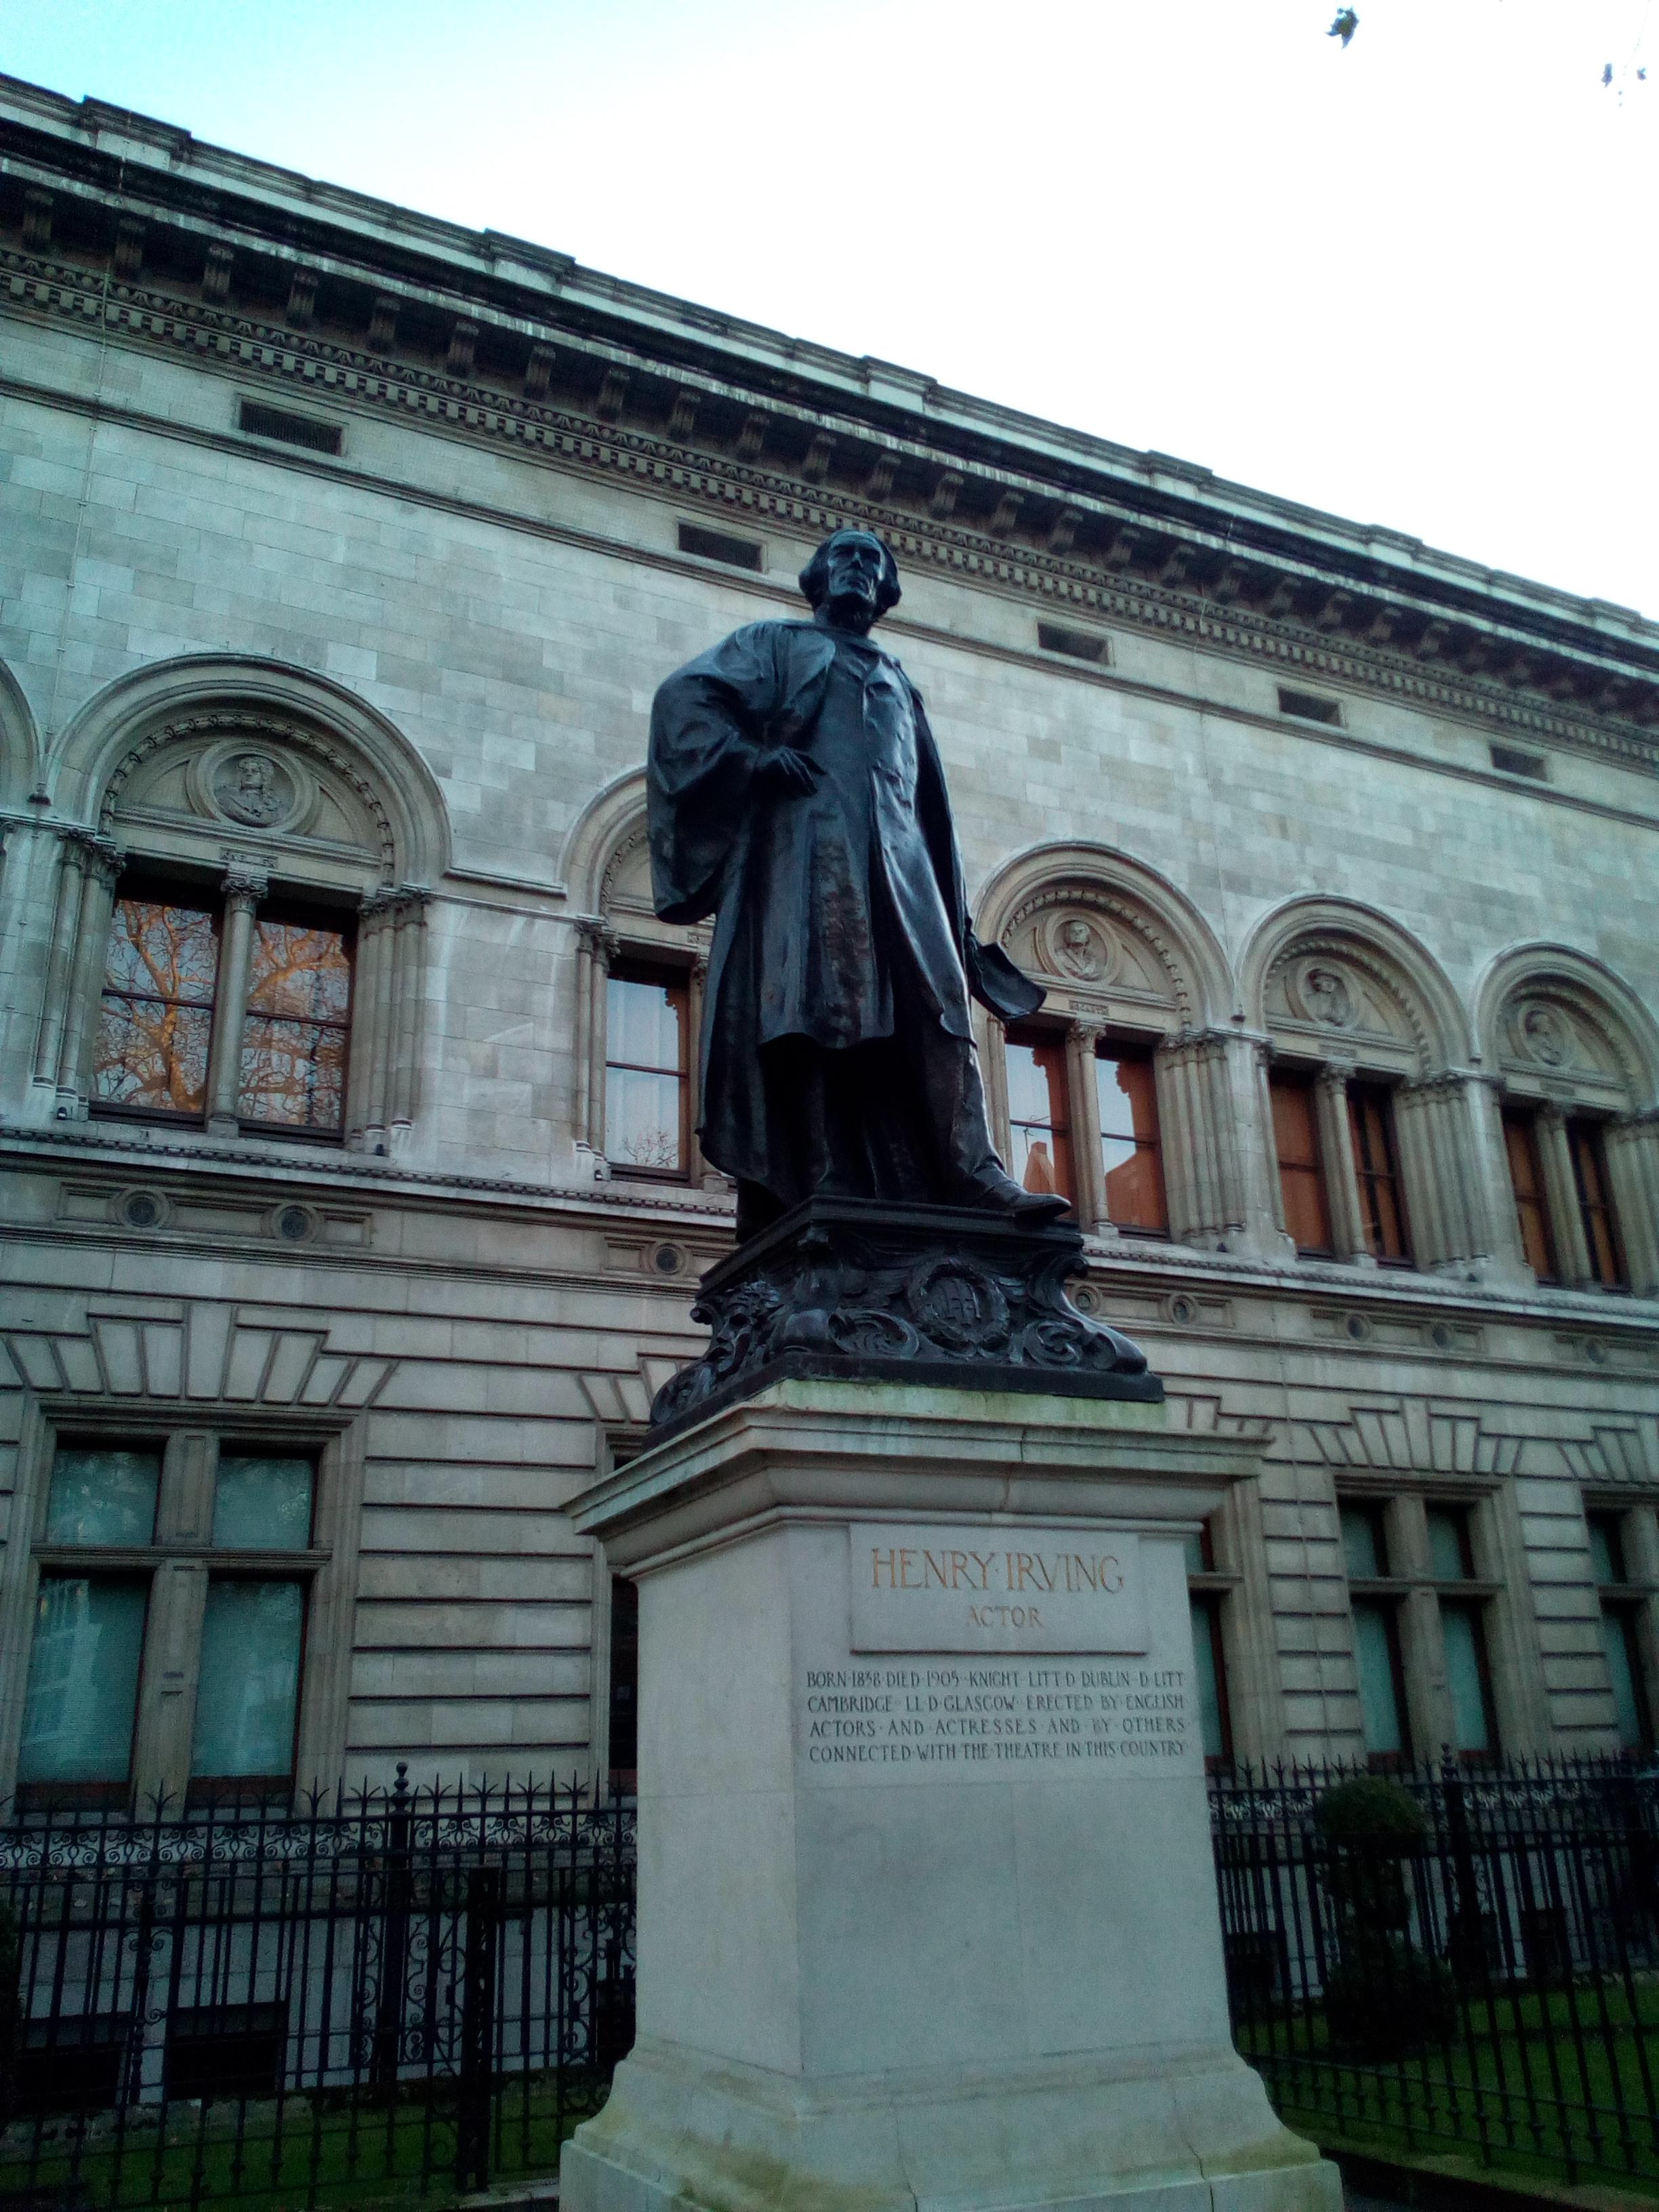 Henry Irving, London